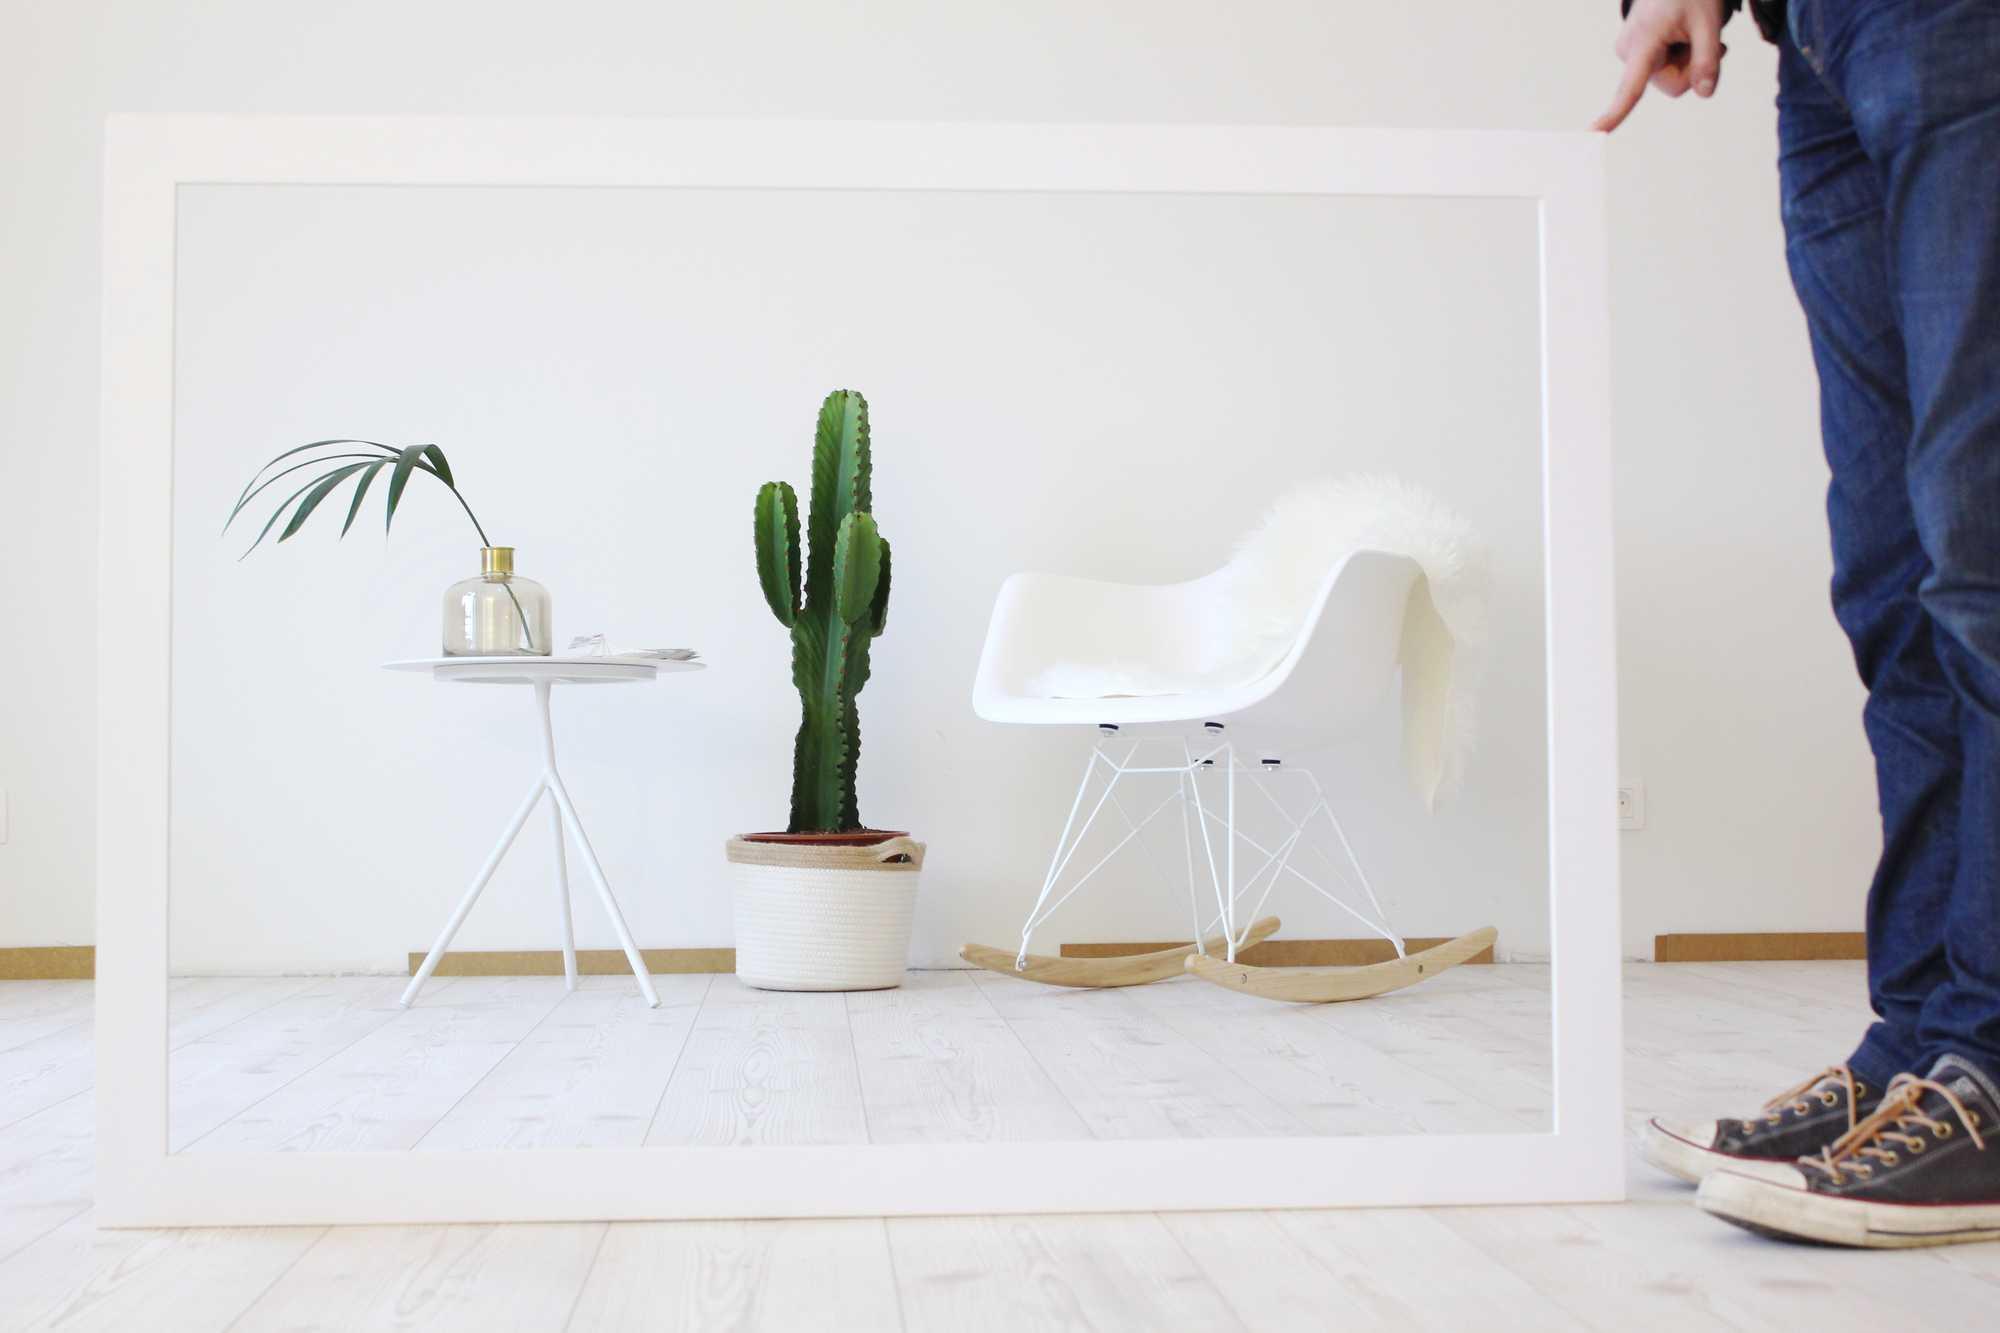 blogger verf wit schilderen canvas